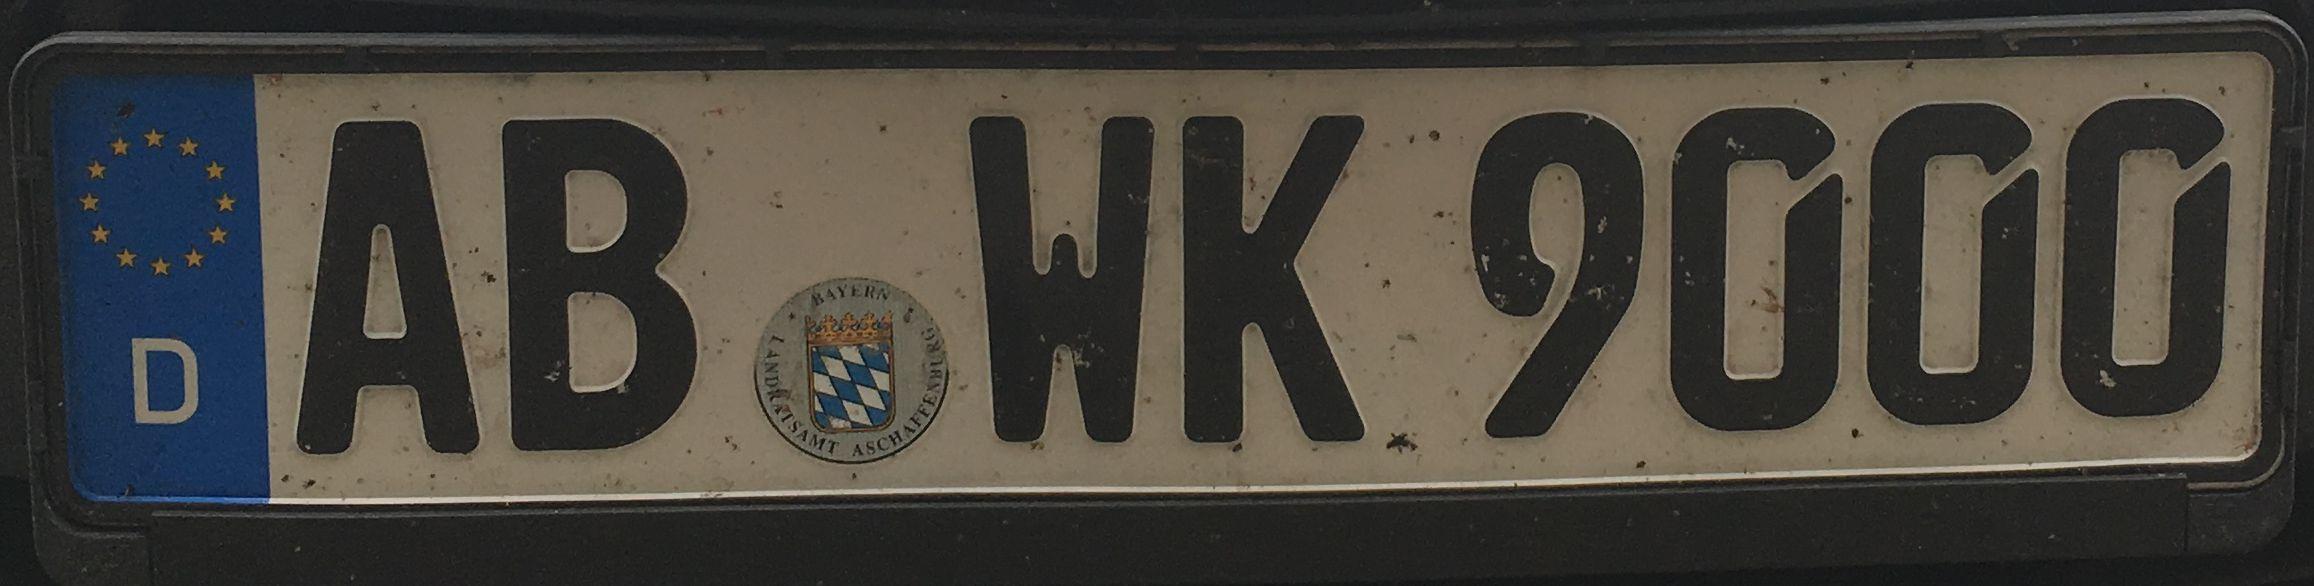 Registrační značka Německo - AB - Aschaffenburg, foto: www.podalnici.cz